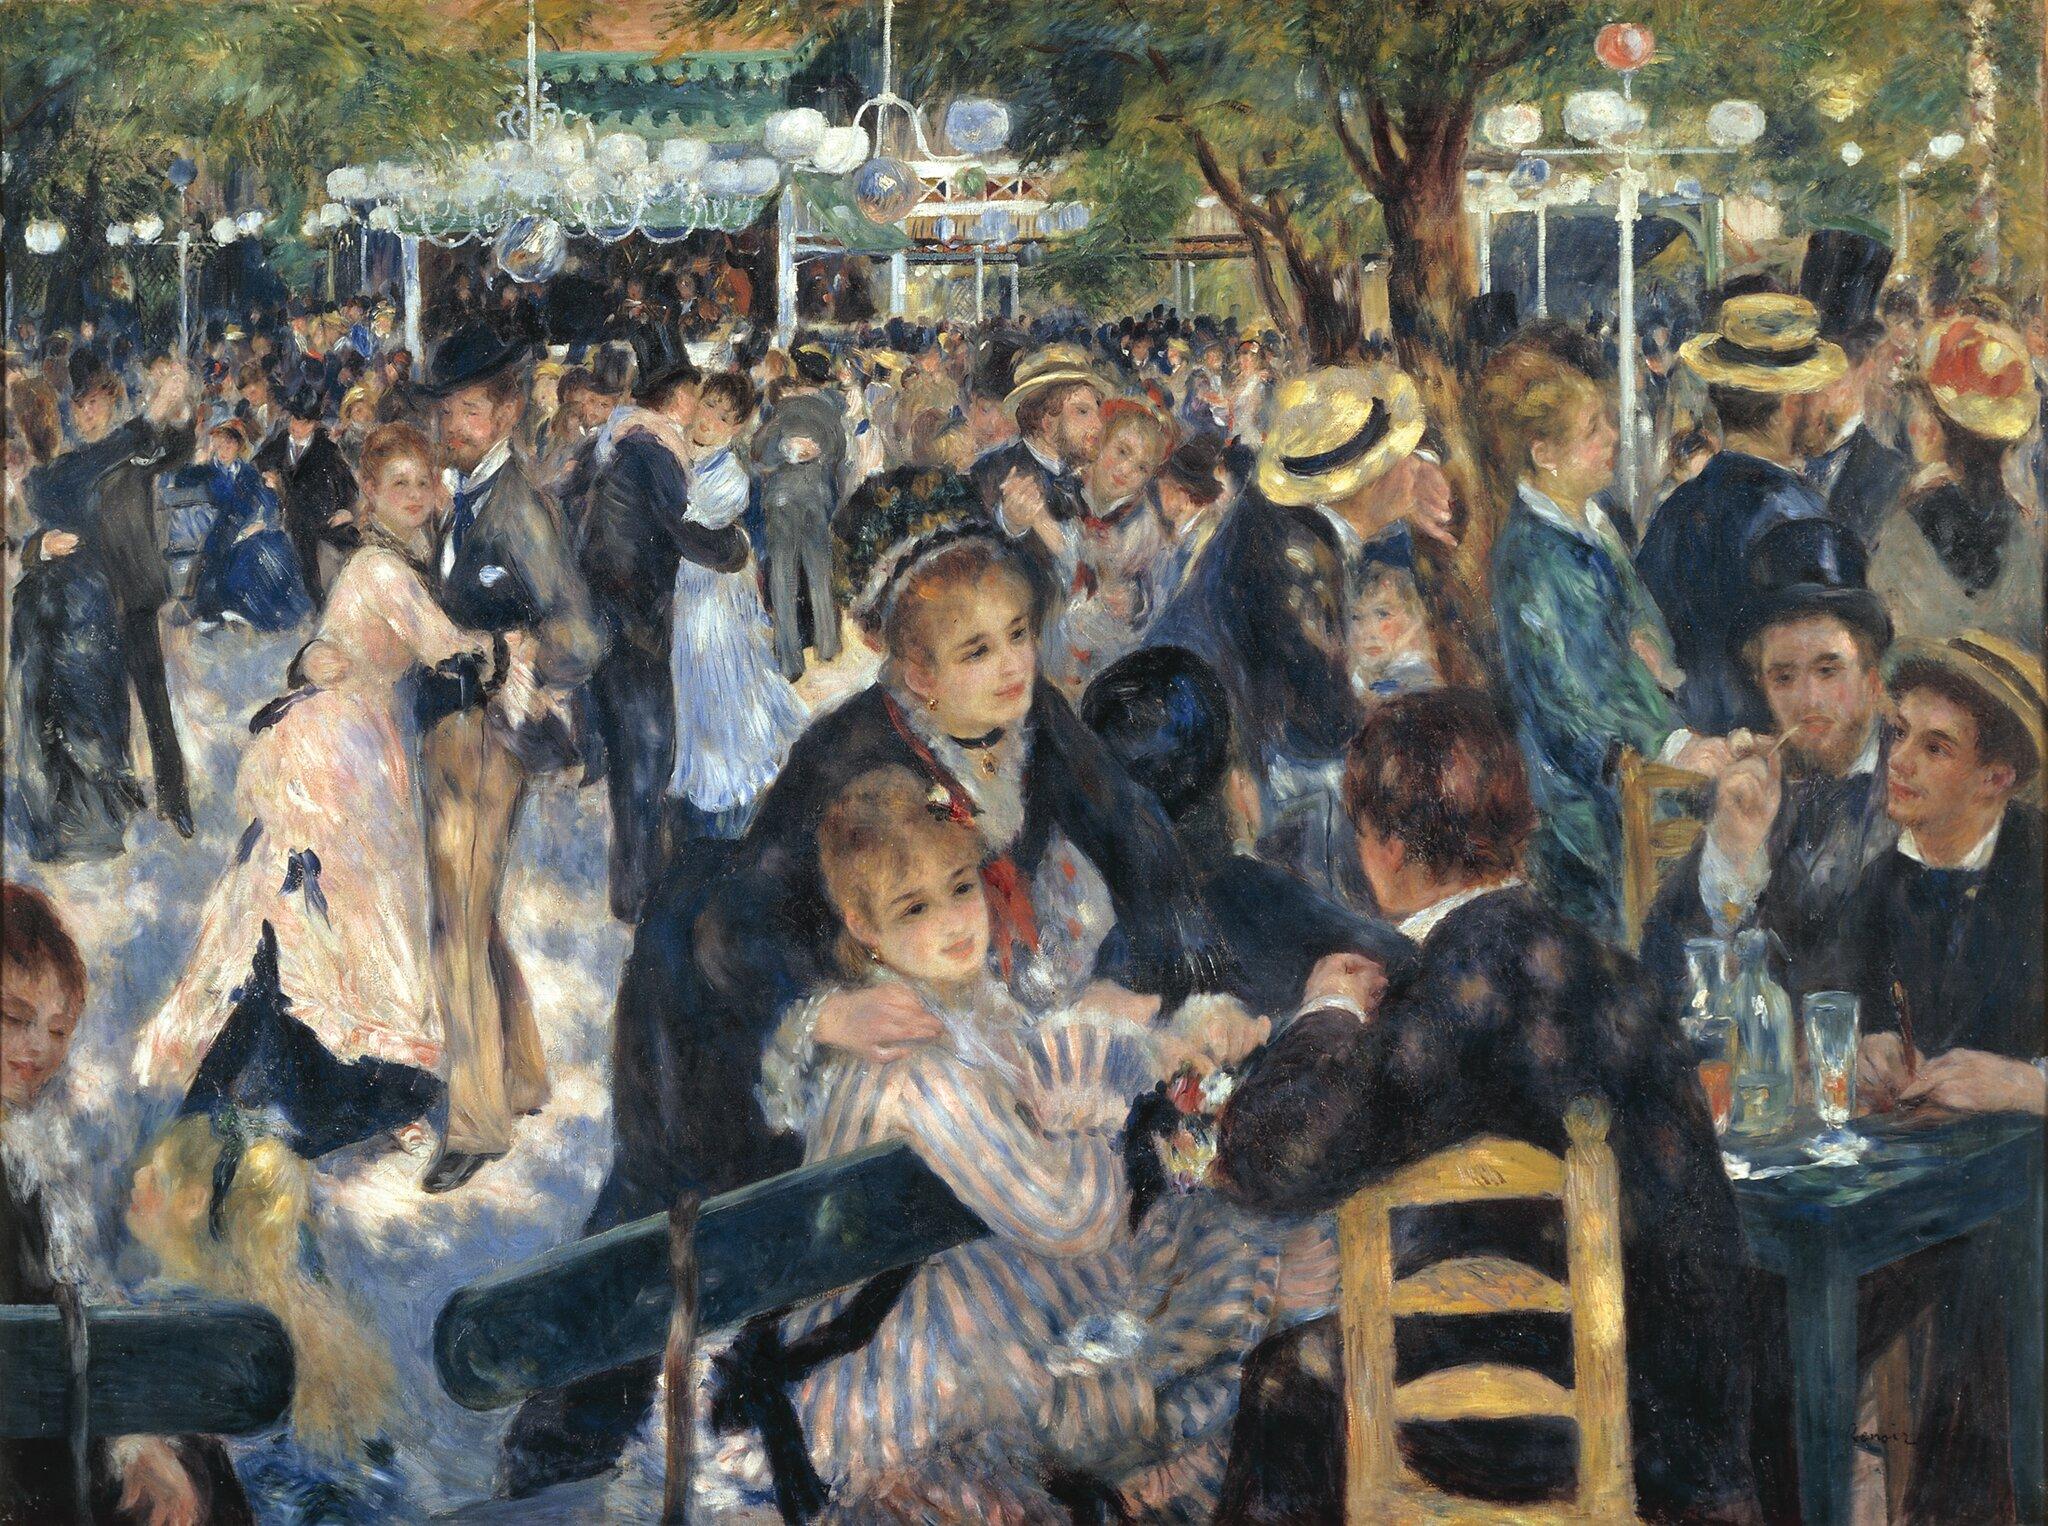 Okładka - izmy przełomu wieków Źródło: Auguste Renoir, 1876, olej na płótnie, domena publiczna.